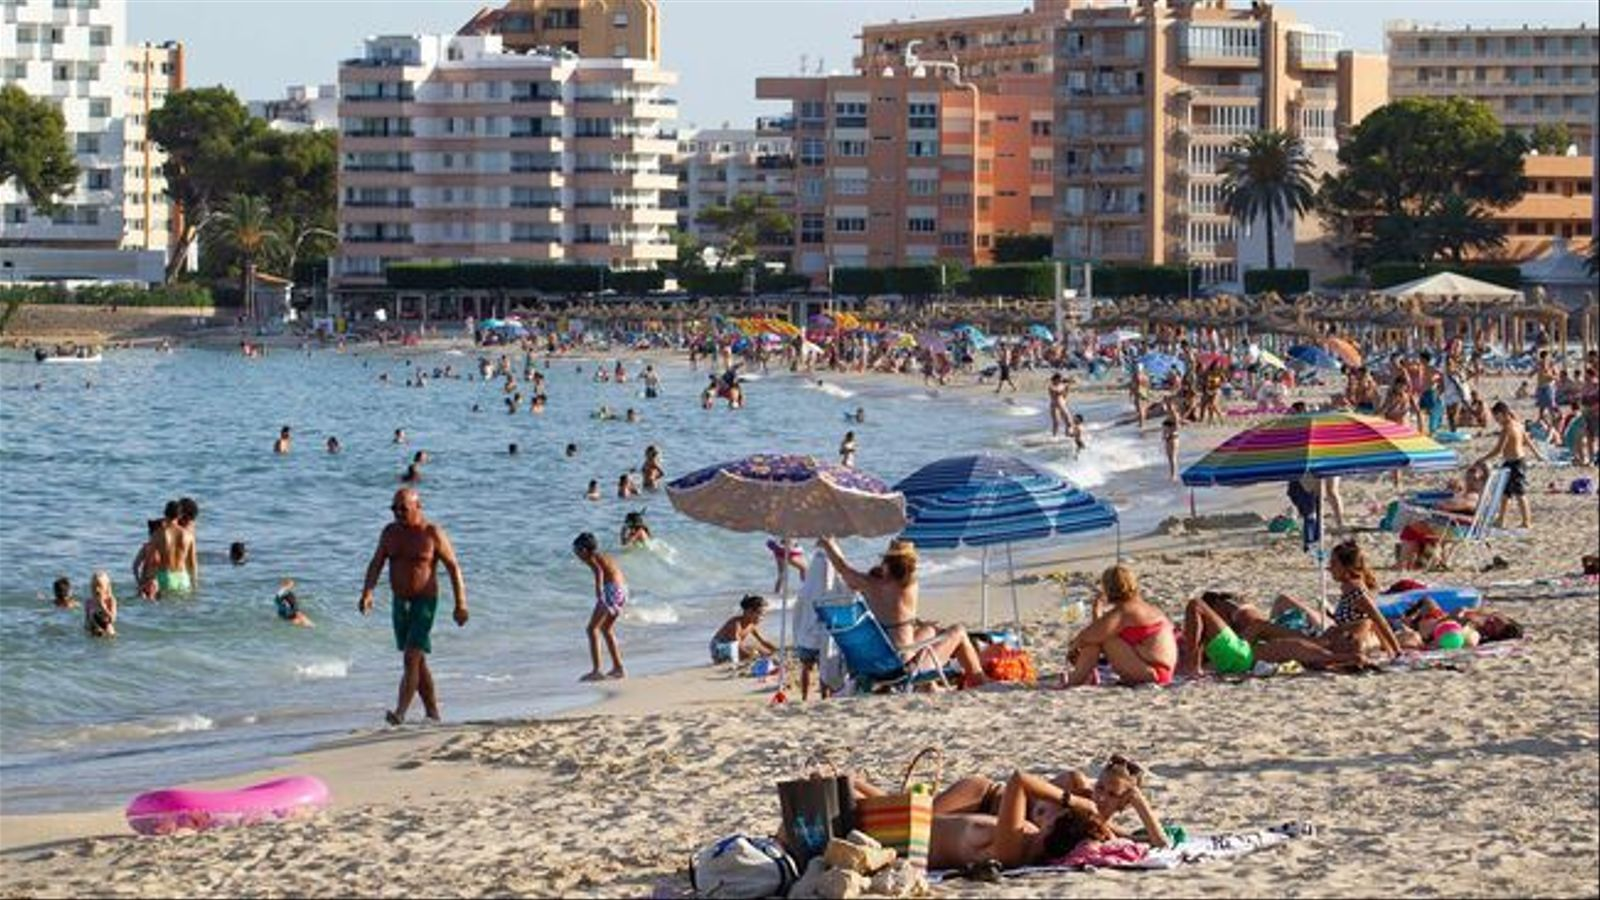 L'any 2019, 83 milions de turistes van viatjar a l'Estat.